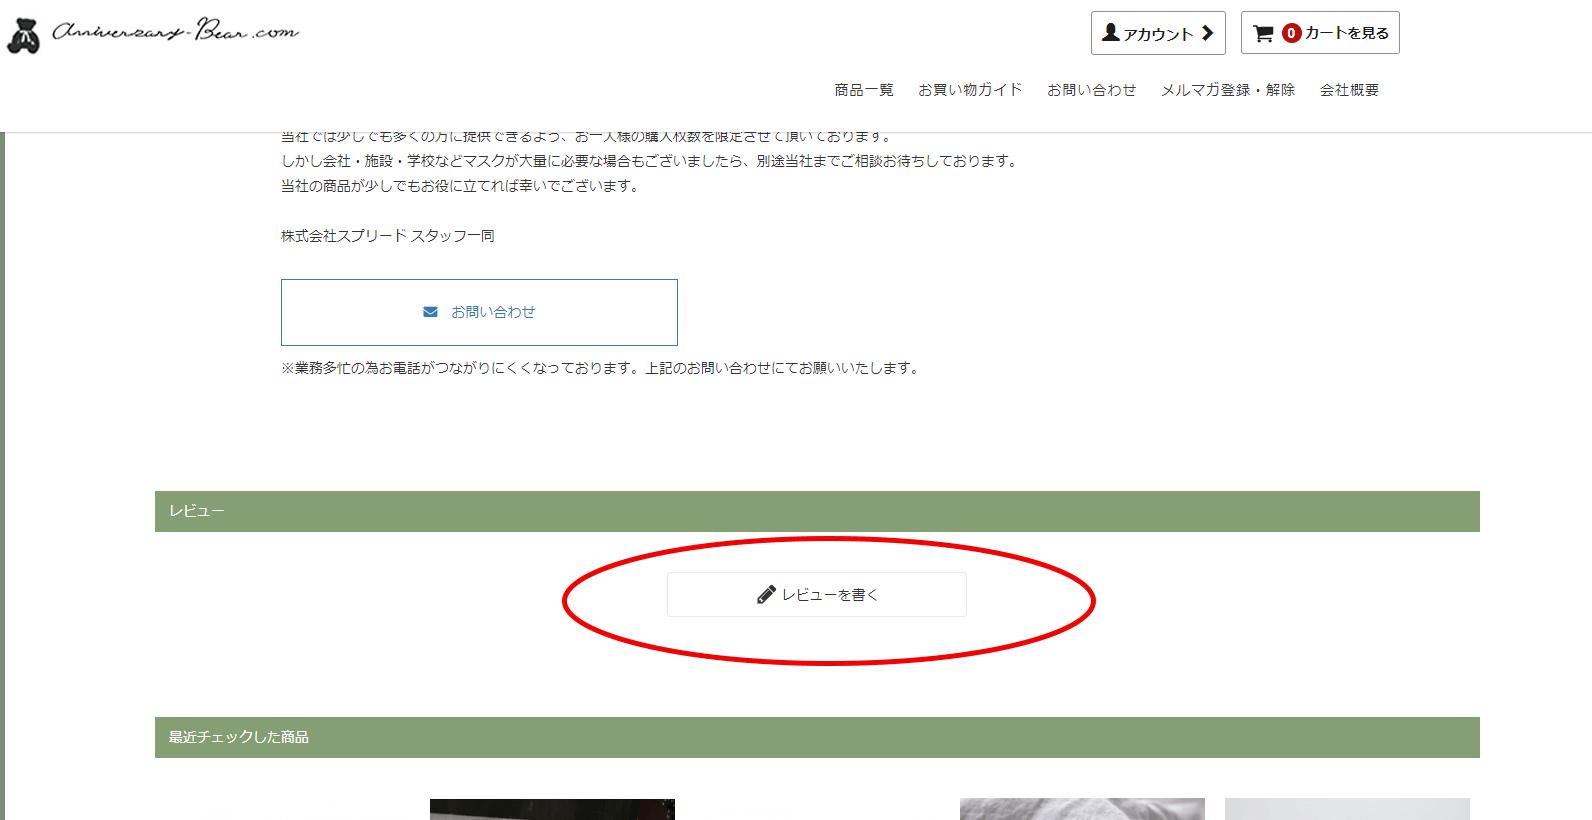 商品ページ内のレビューボタン